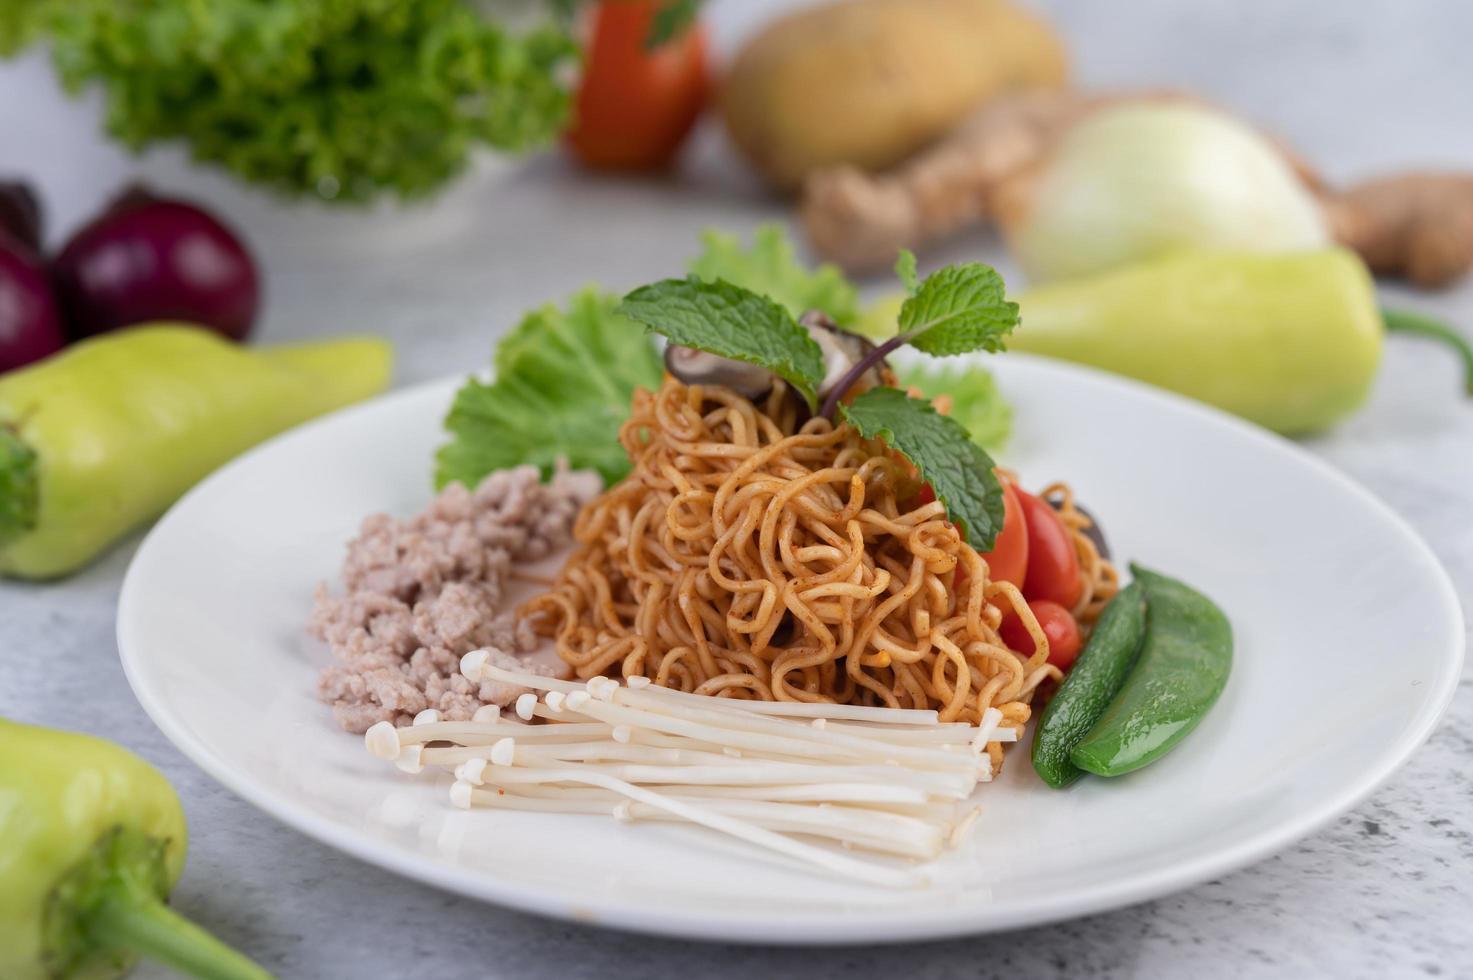 macarrão frito com vegetais misturados foto